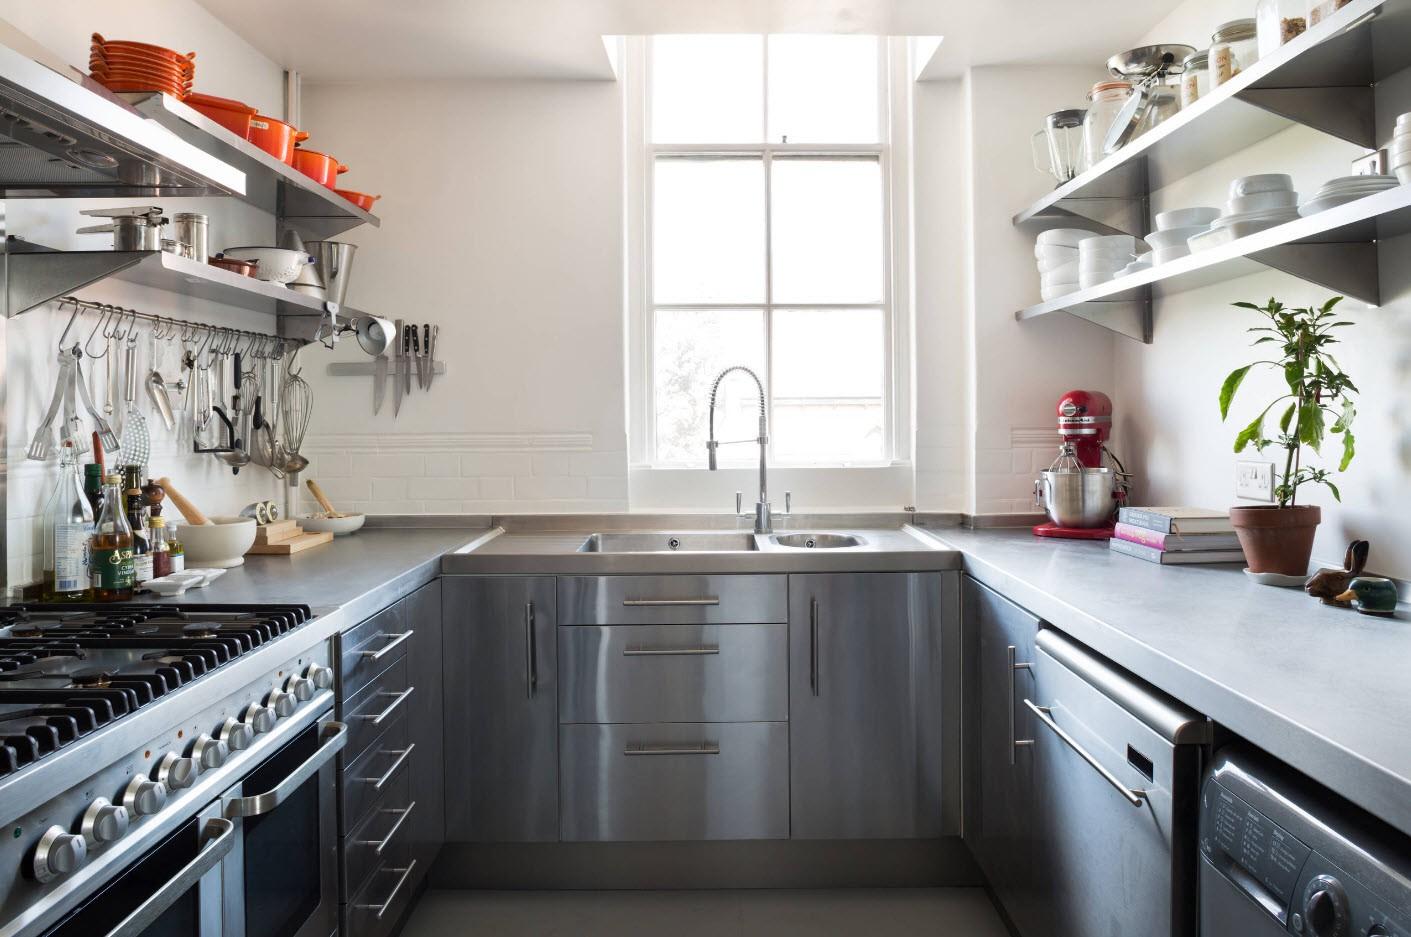 полки на кухне вместо навесных шкафов идеи интерьера